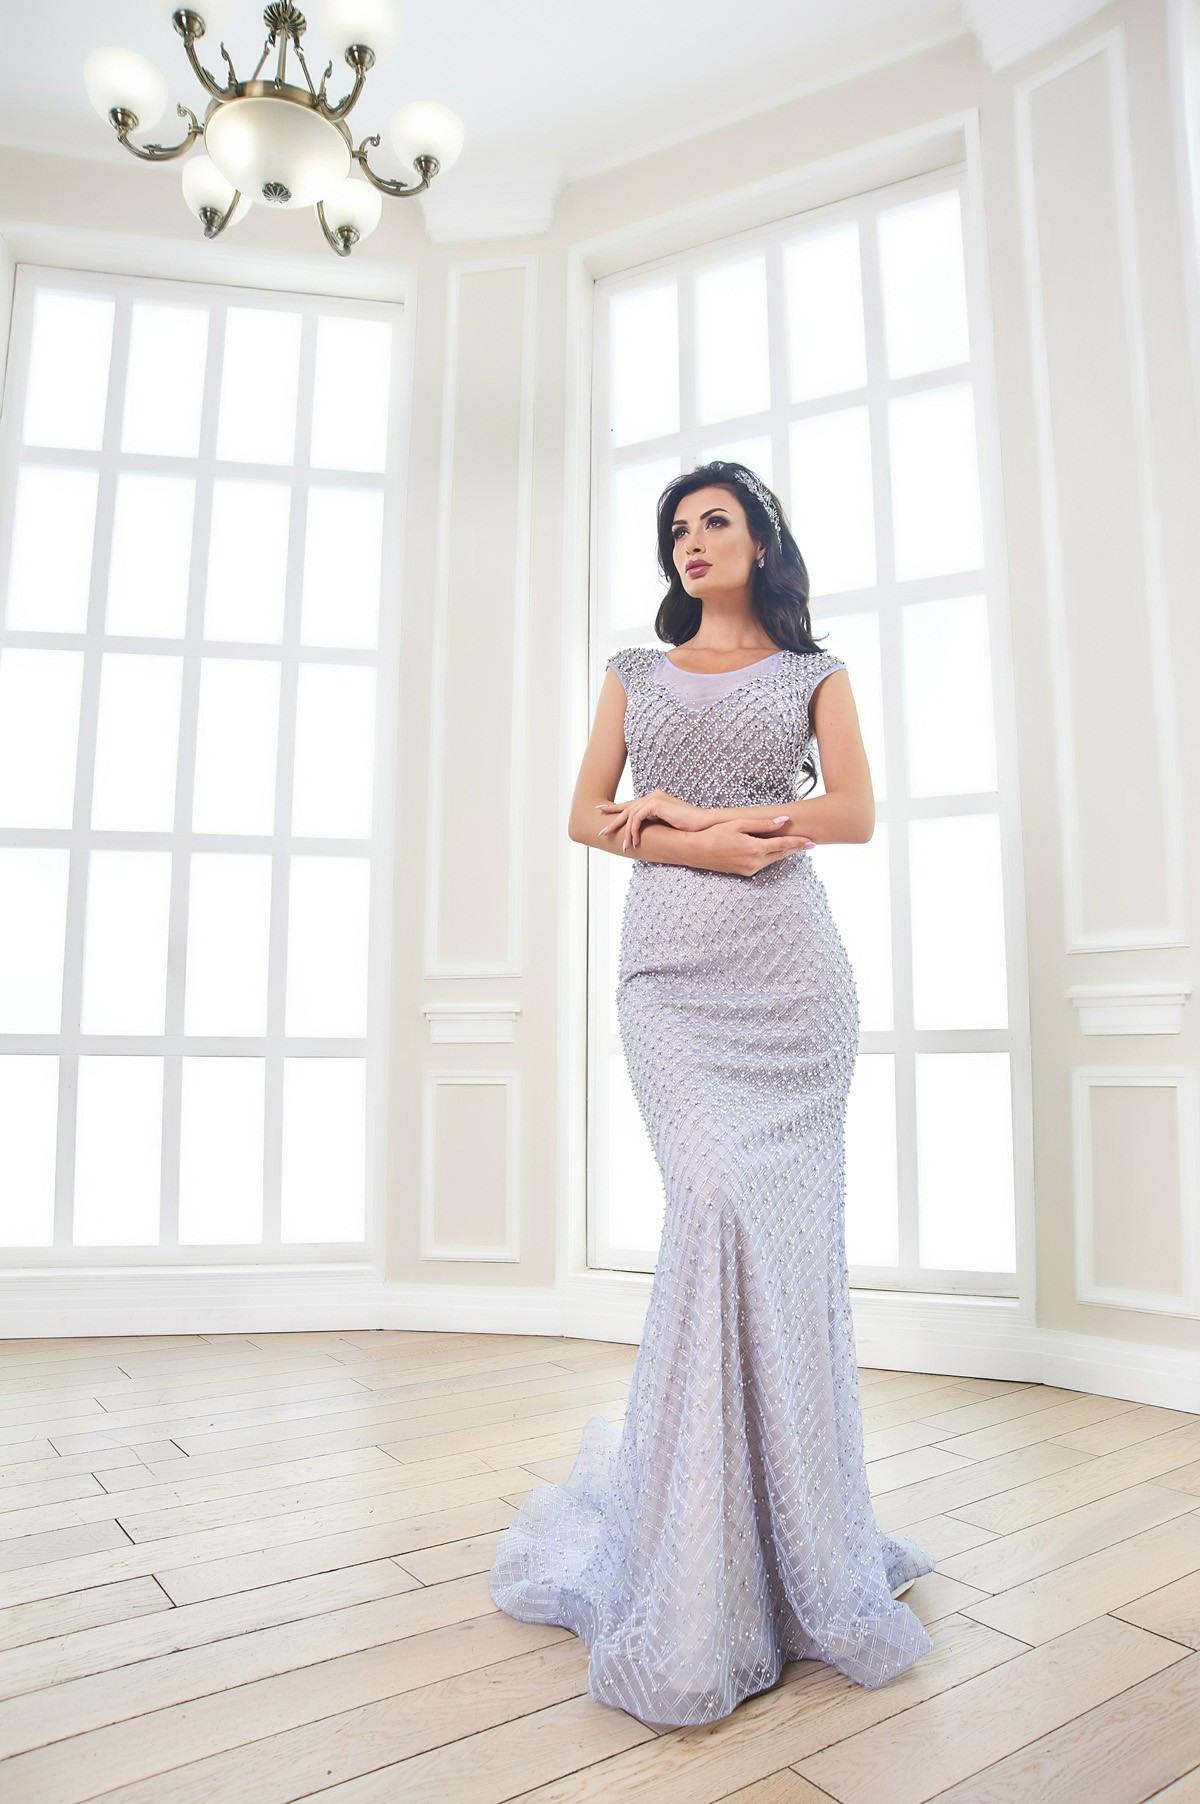 Abend Schön Abend Kleid Mieten Ärmel17 Elegant Abend Kleid Mieten Galerie